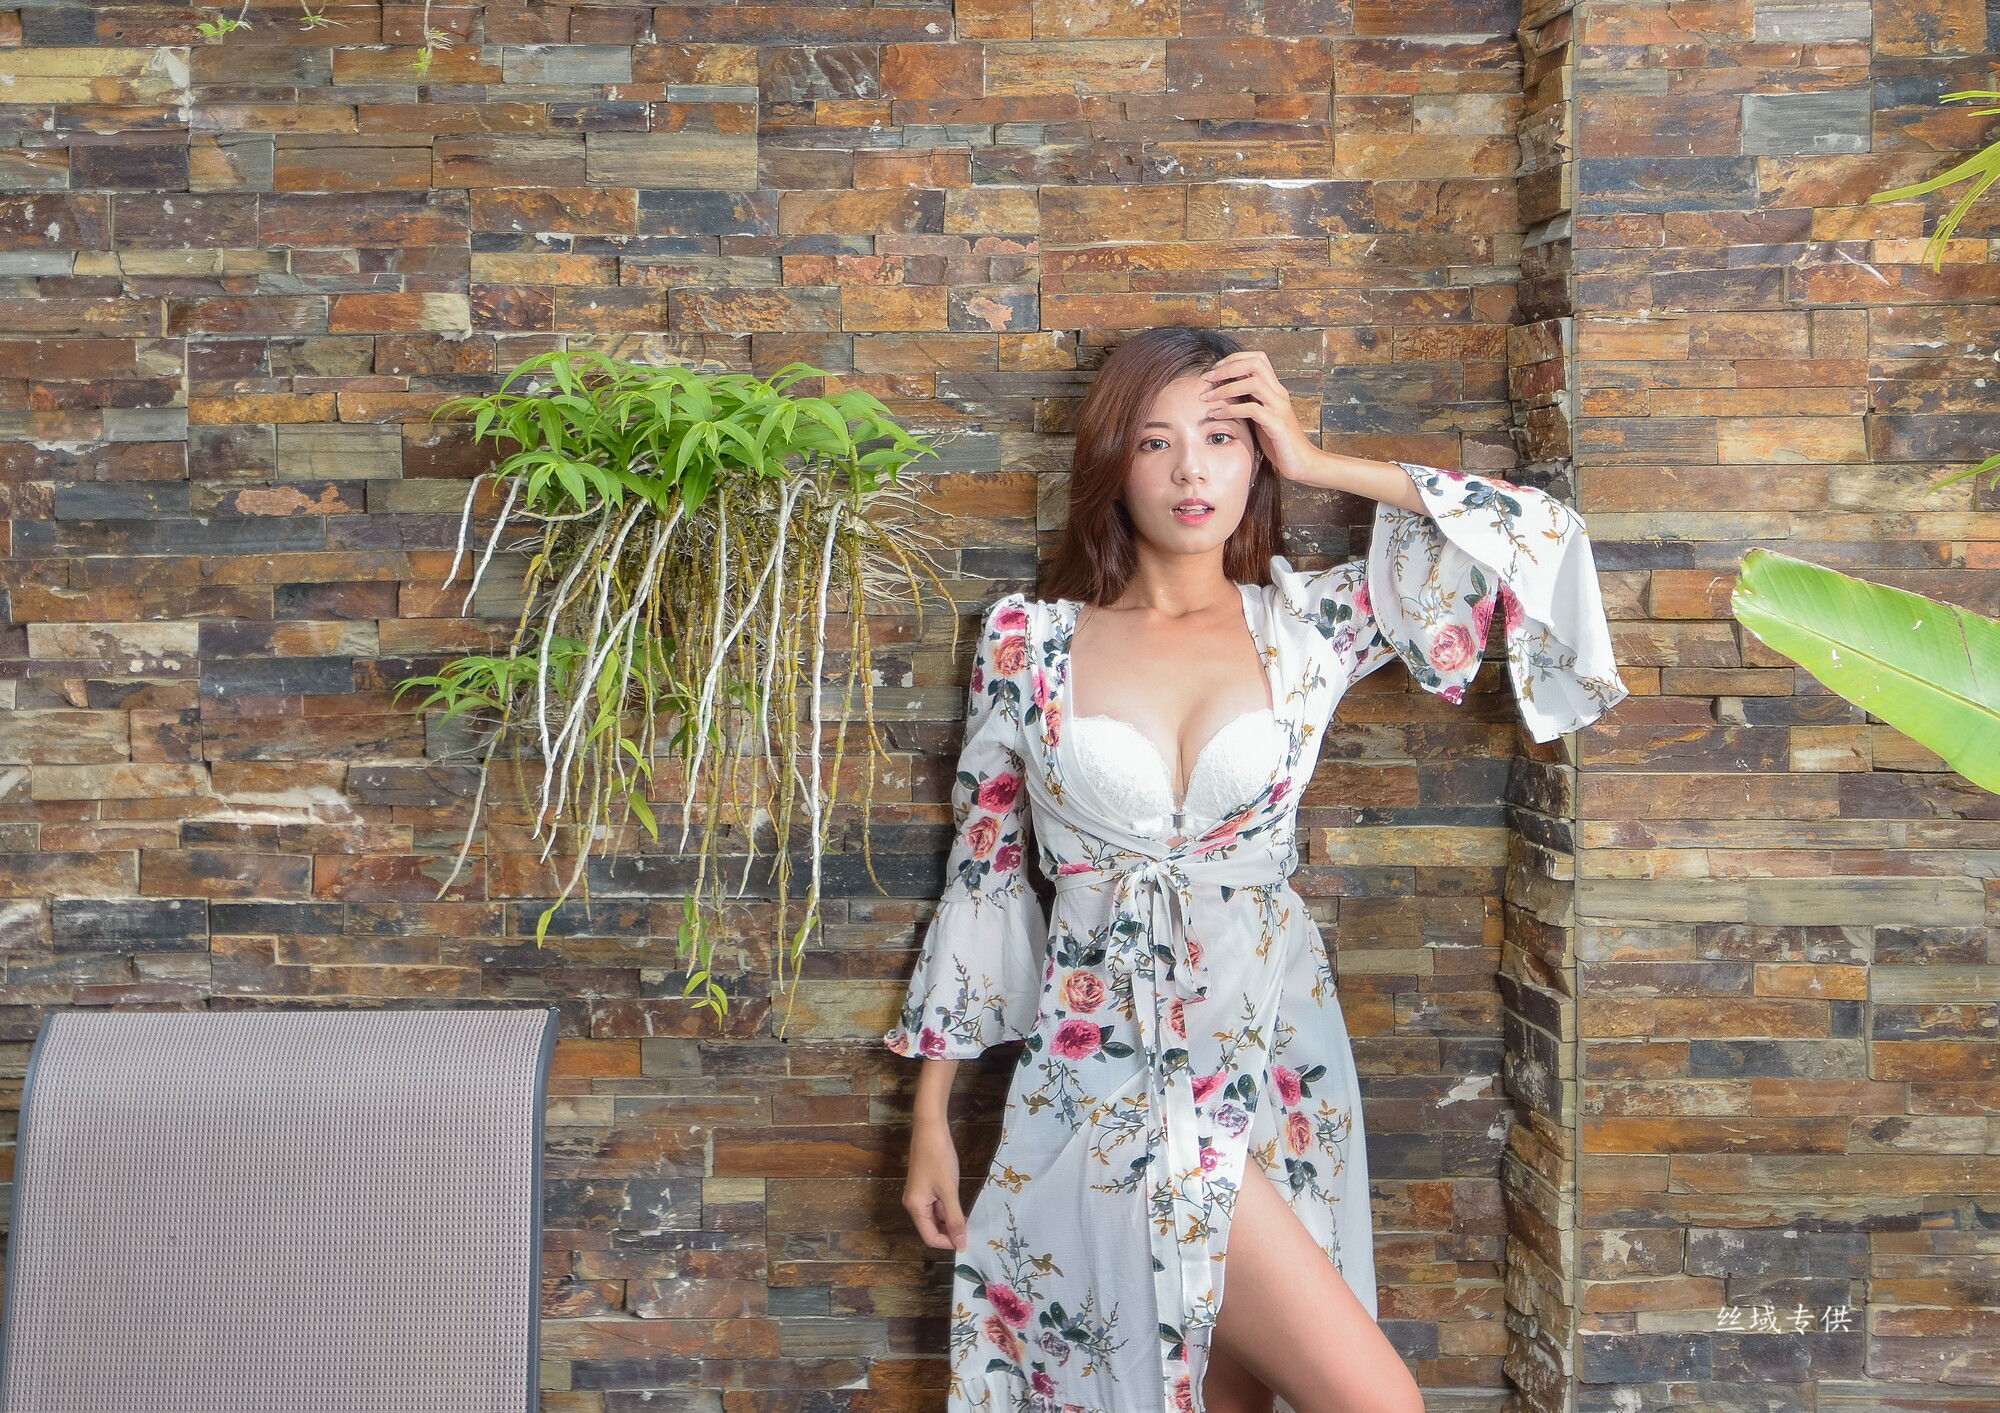 VOL.1732 [台湾正妹]长裙高贵优雅美女:方唯真(Chubby唯真)超高清个人性感漂亮大图(109P)